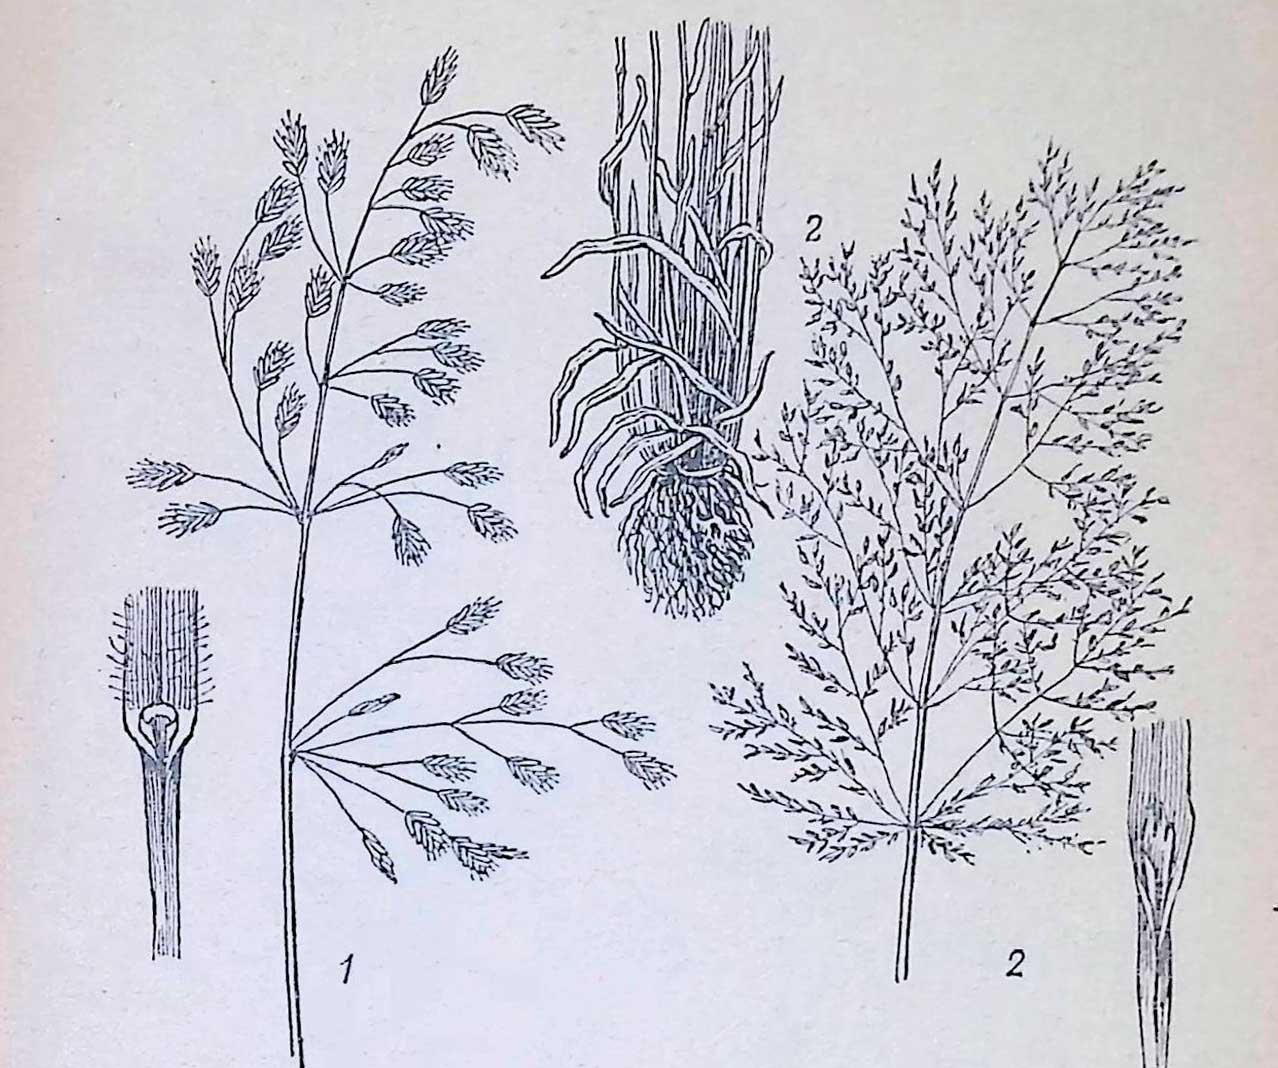 Озимые сорняки: 1 — костер ржаной; 2 — метла.